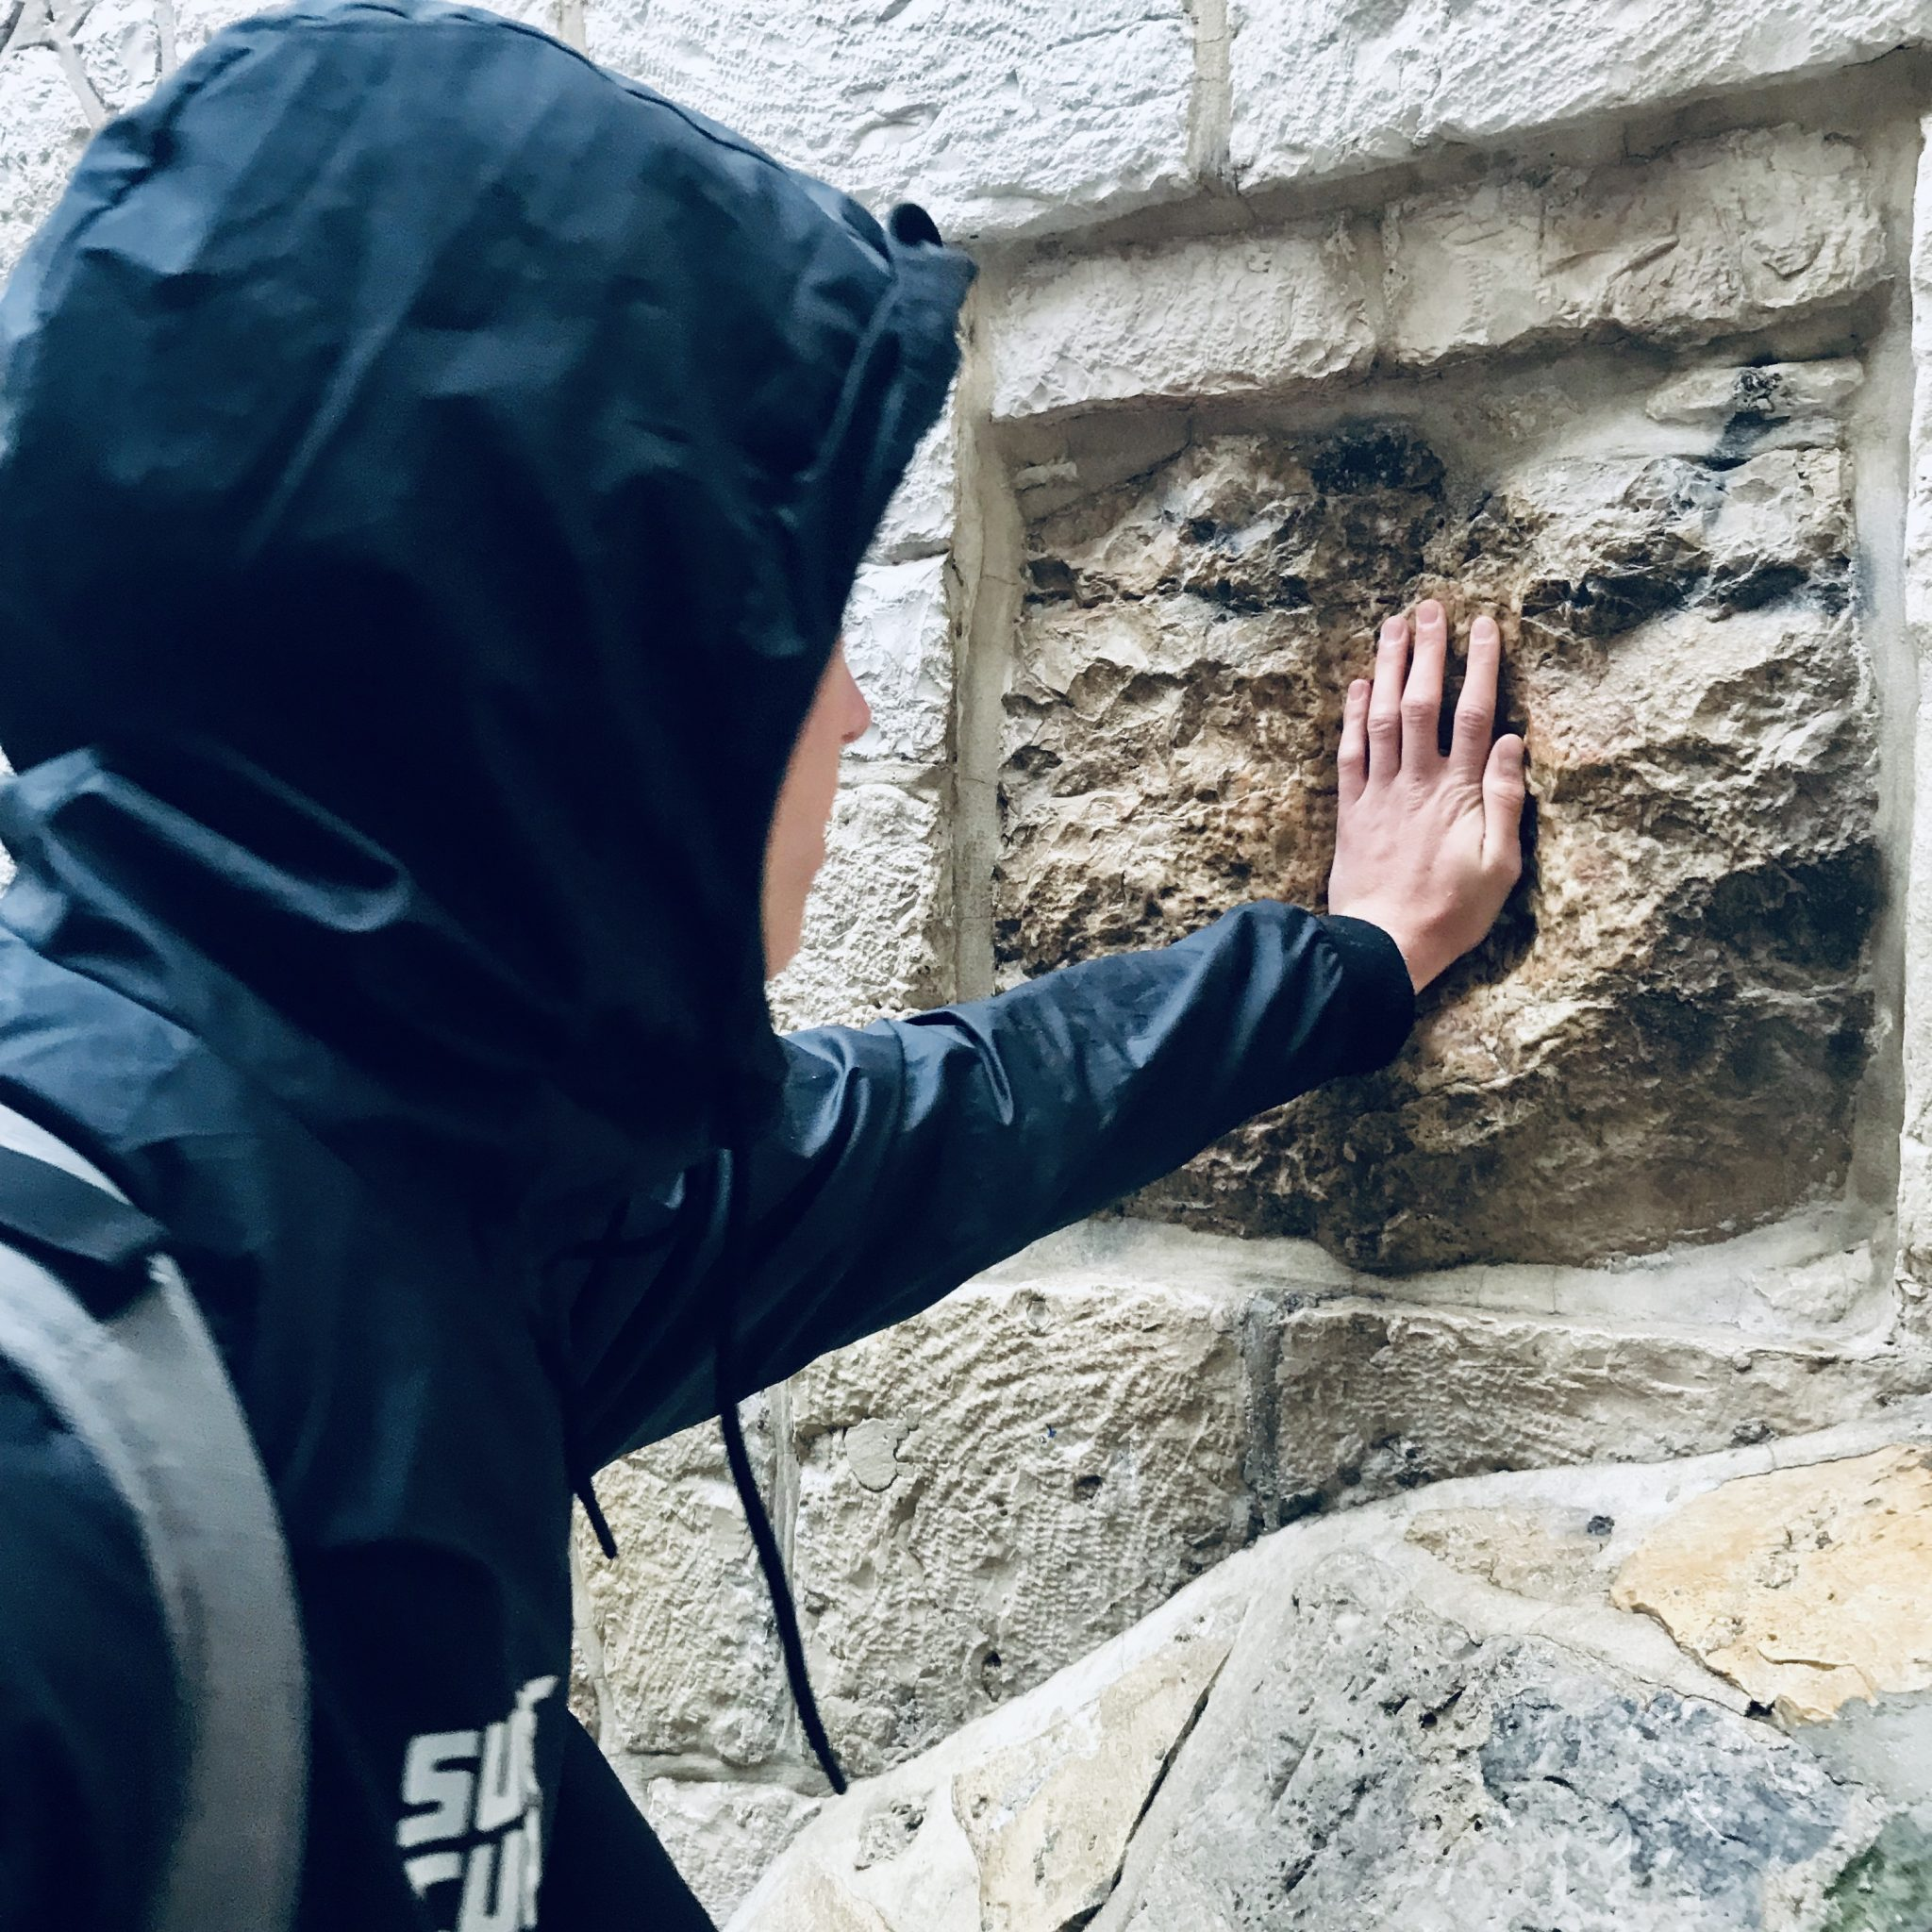 stations of the cross jerusalem via dolorosa